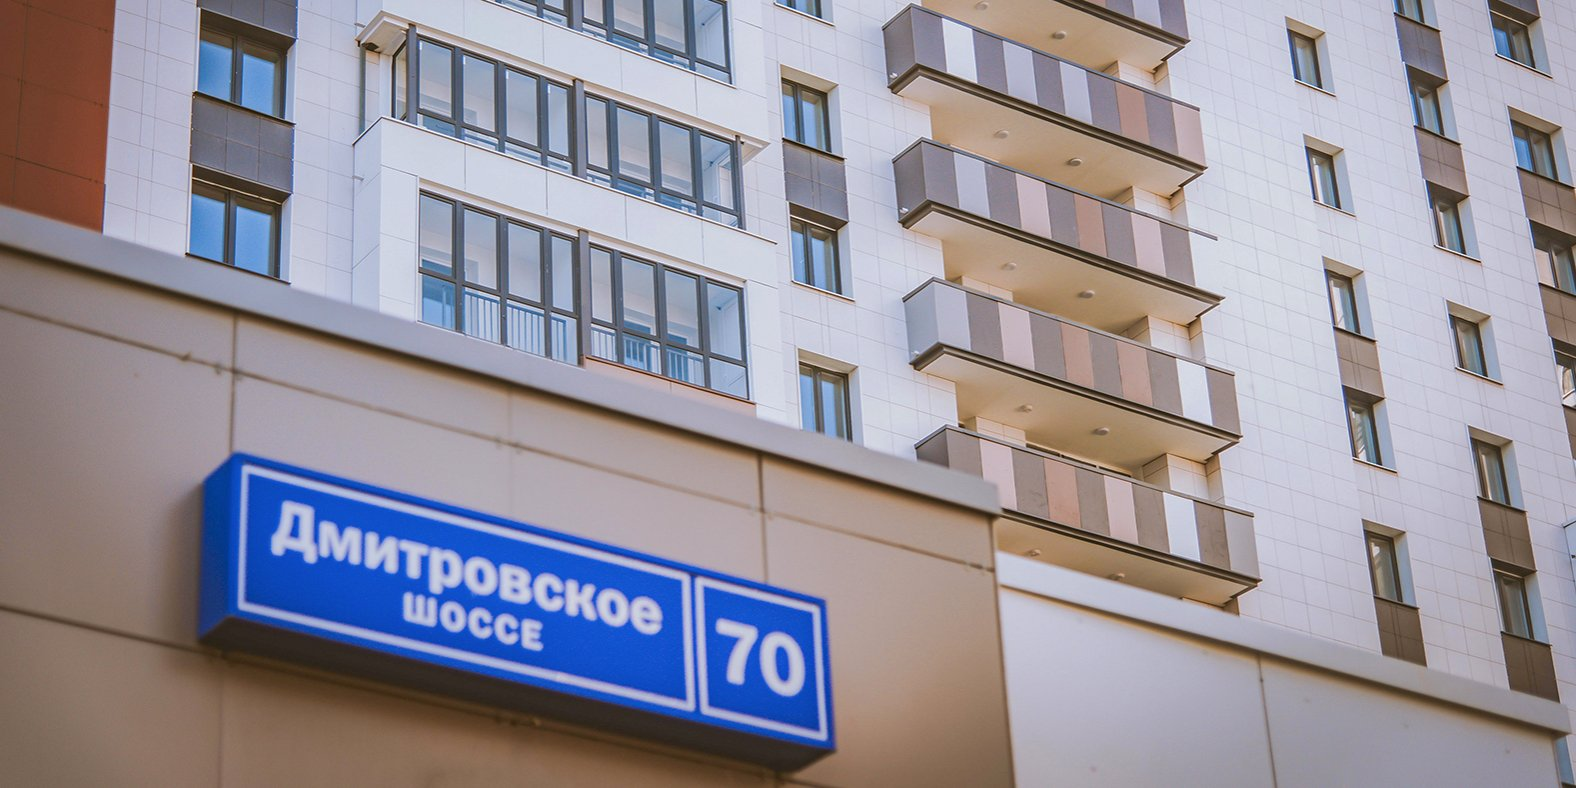 Первые жители пятиэтажек на Бескудниковском бульваре получили новые квартиры по программе реновации